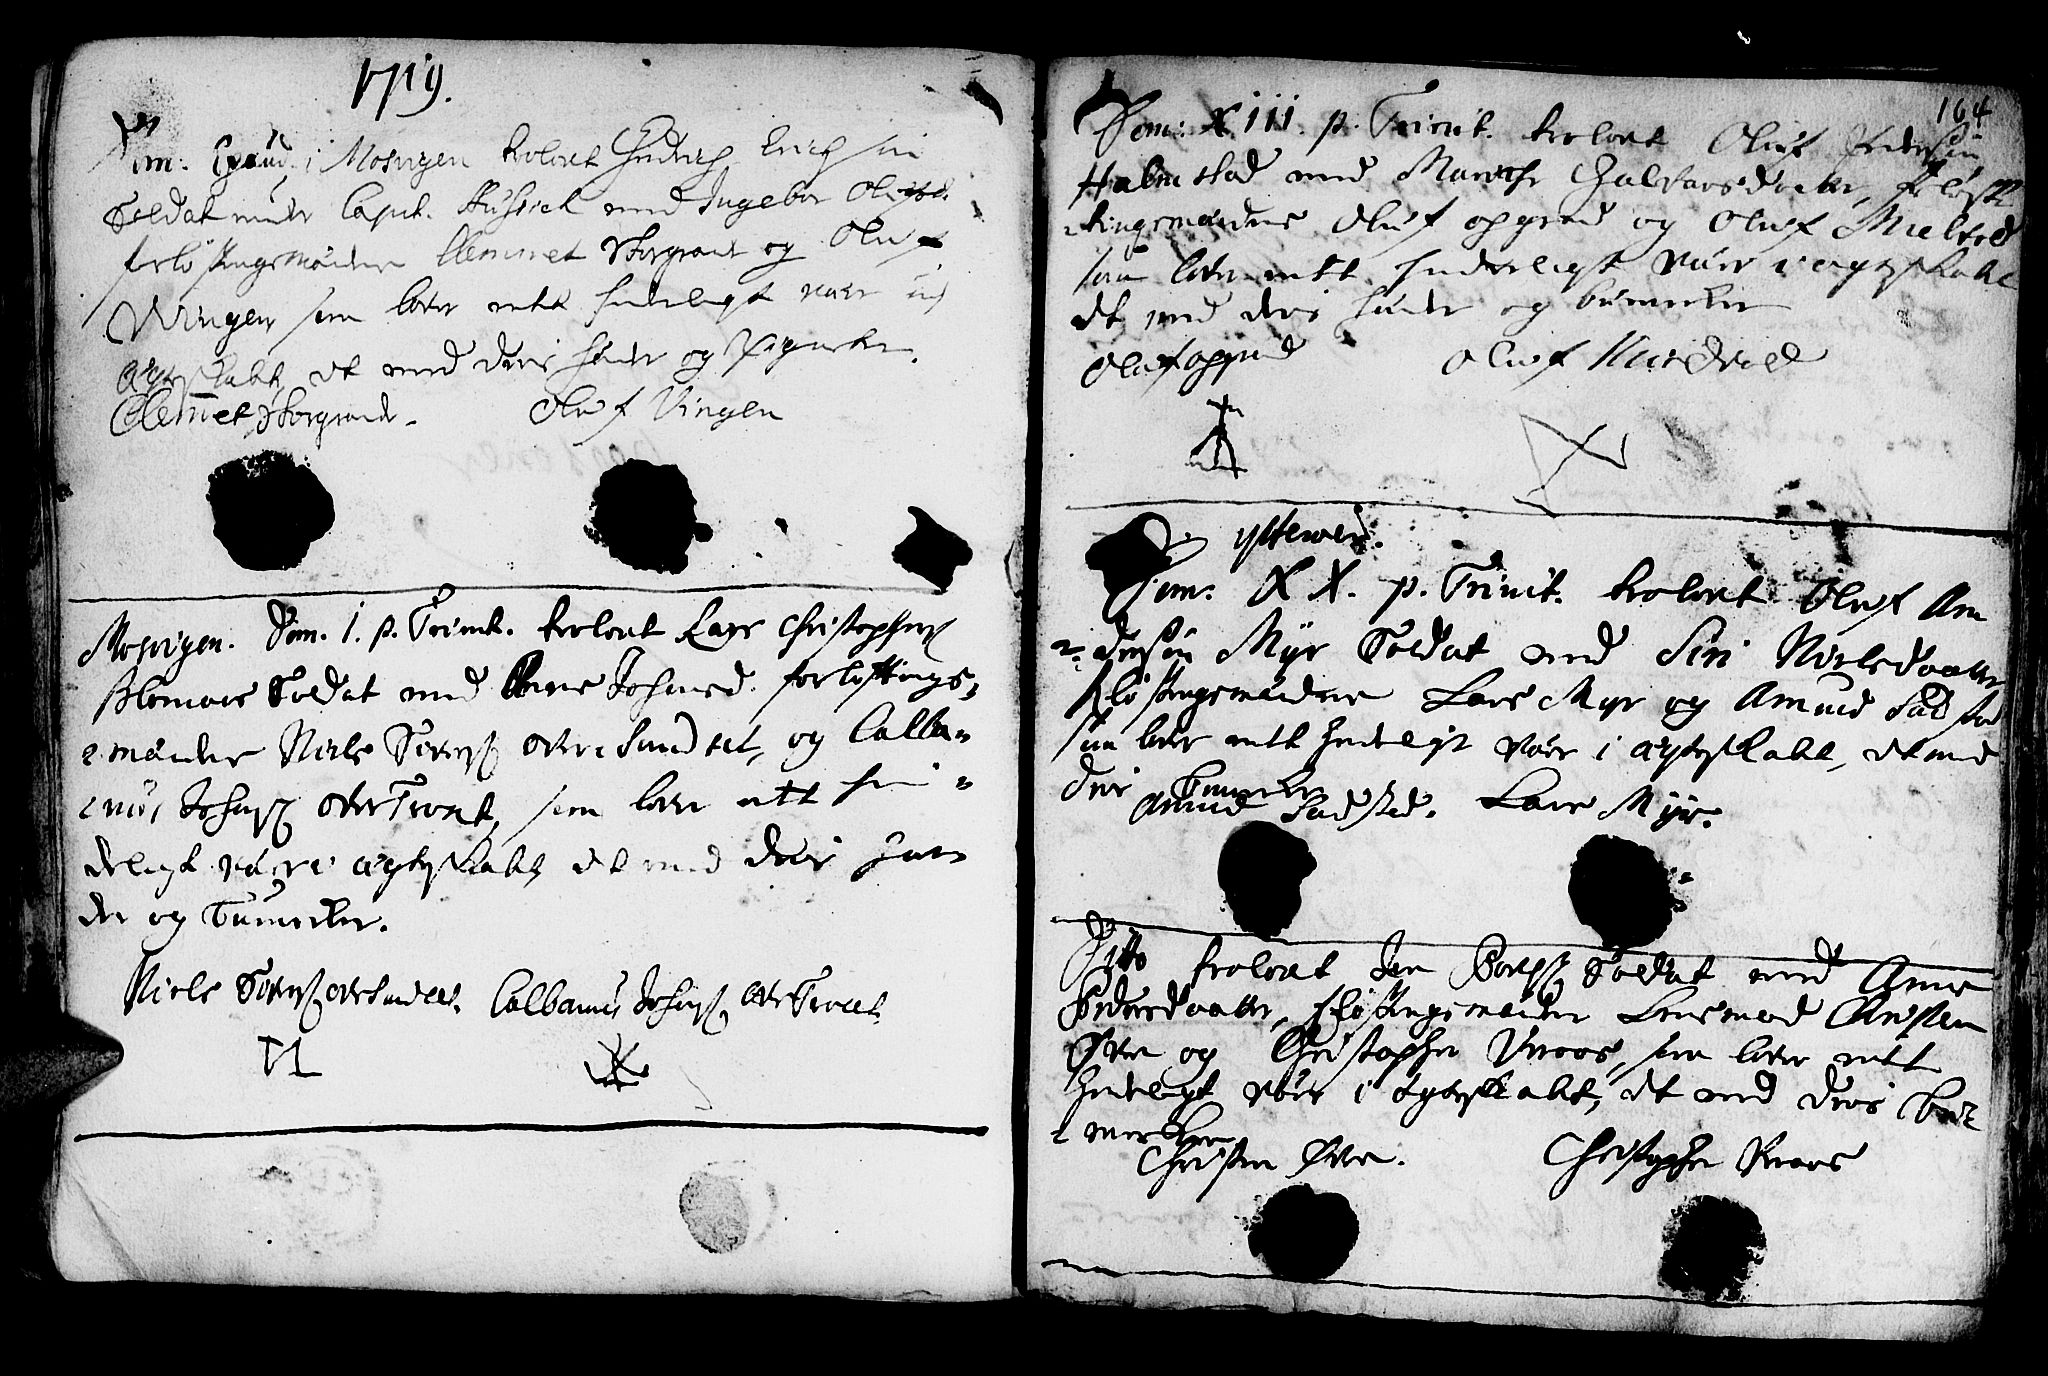 SAT, Ministerialprotokoller, klokkerbøker og fødselsregistre - Nord-Trøndelag, 722/L0215: Ministerialbok nr. 722A02, 1718-1755, s. 164